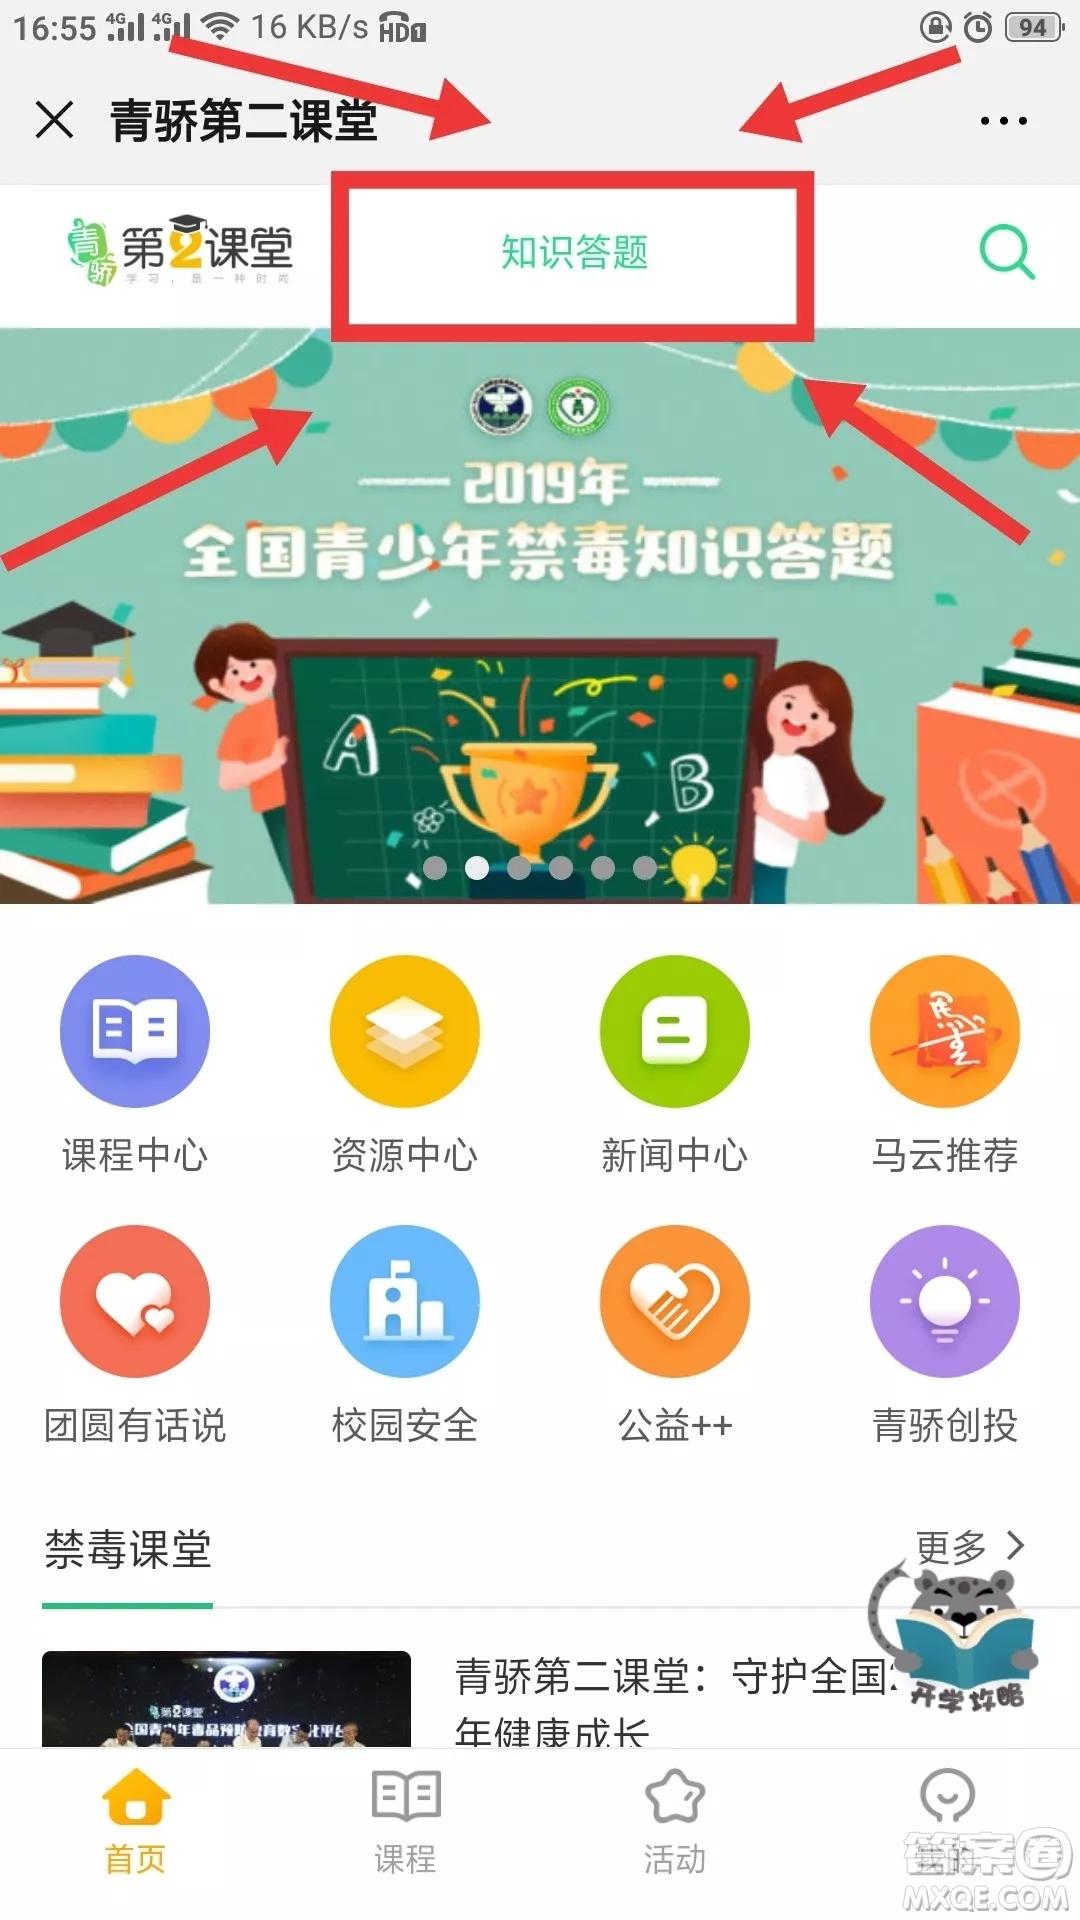 青骄第二课堂2019年全国青少年禁毒知识答题活动怎么参加